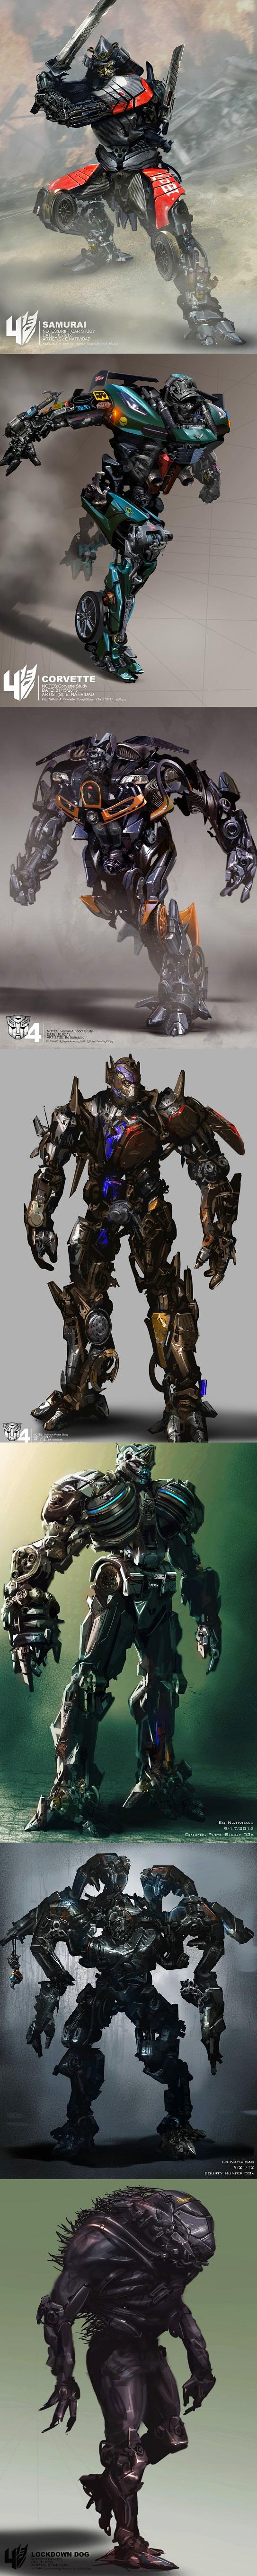 Concept Art des Transformers dans les Films Transformers - Page 5 355309nl6zW0h